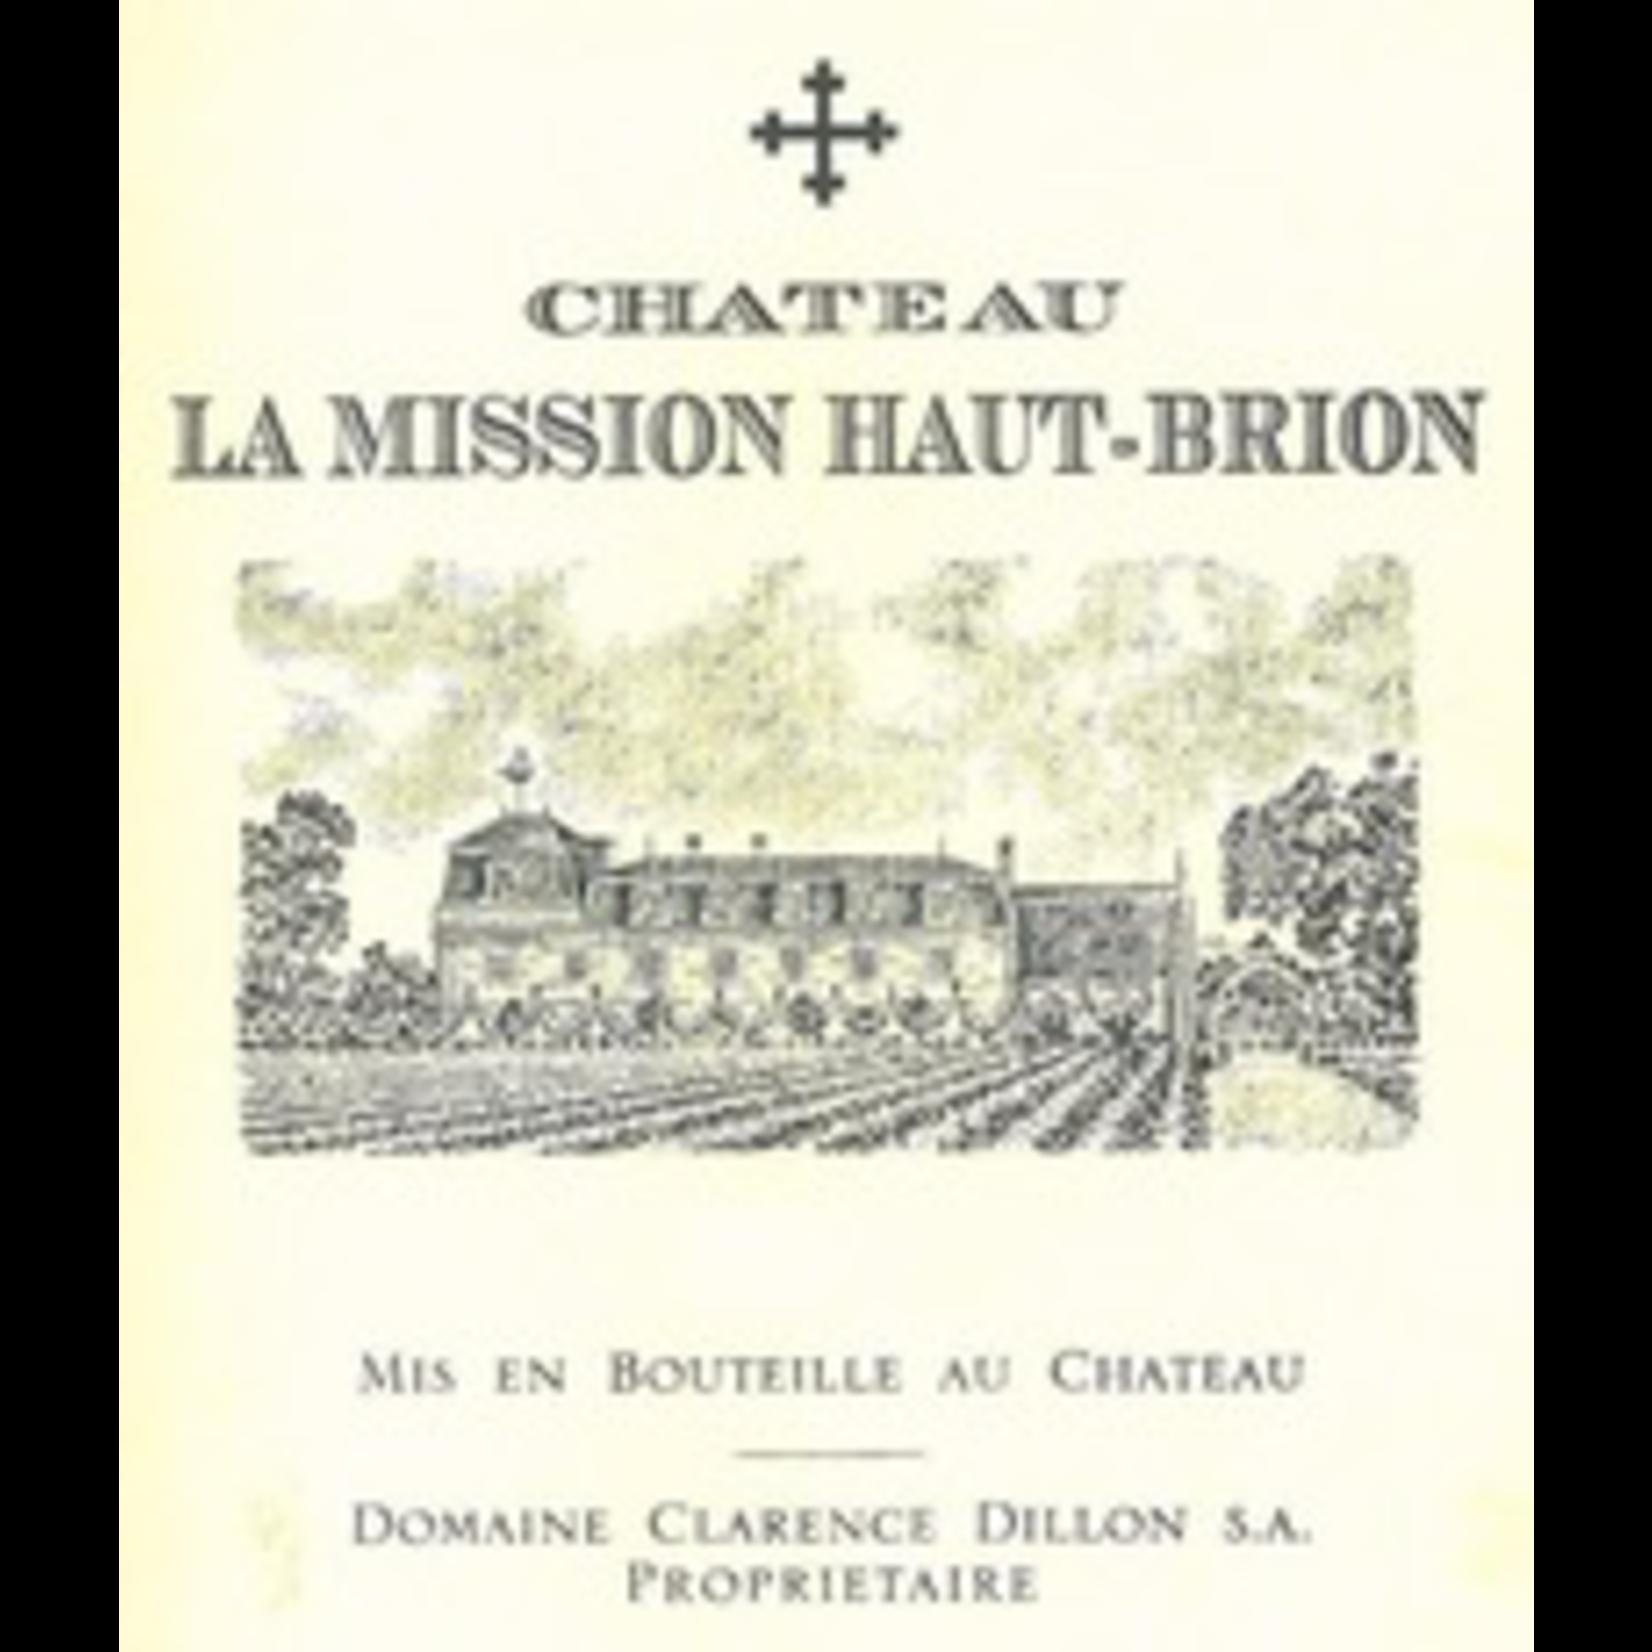 Wine Chateau La Mission Haut-Brion 2010